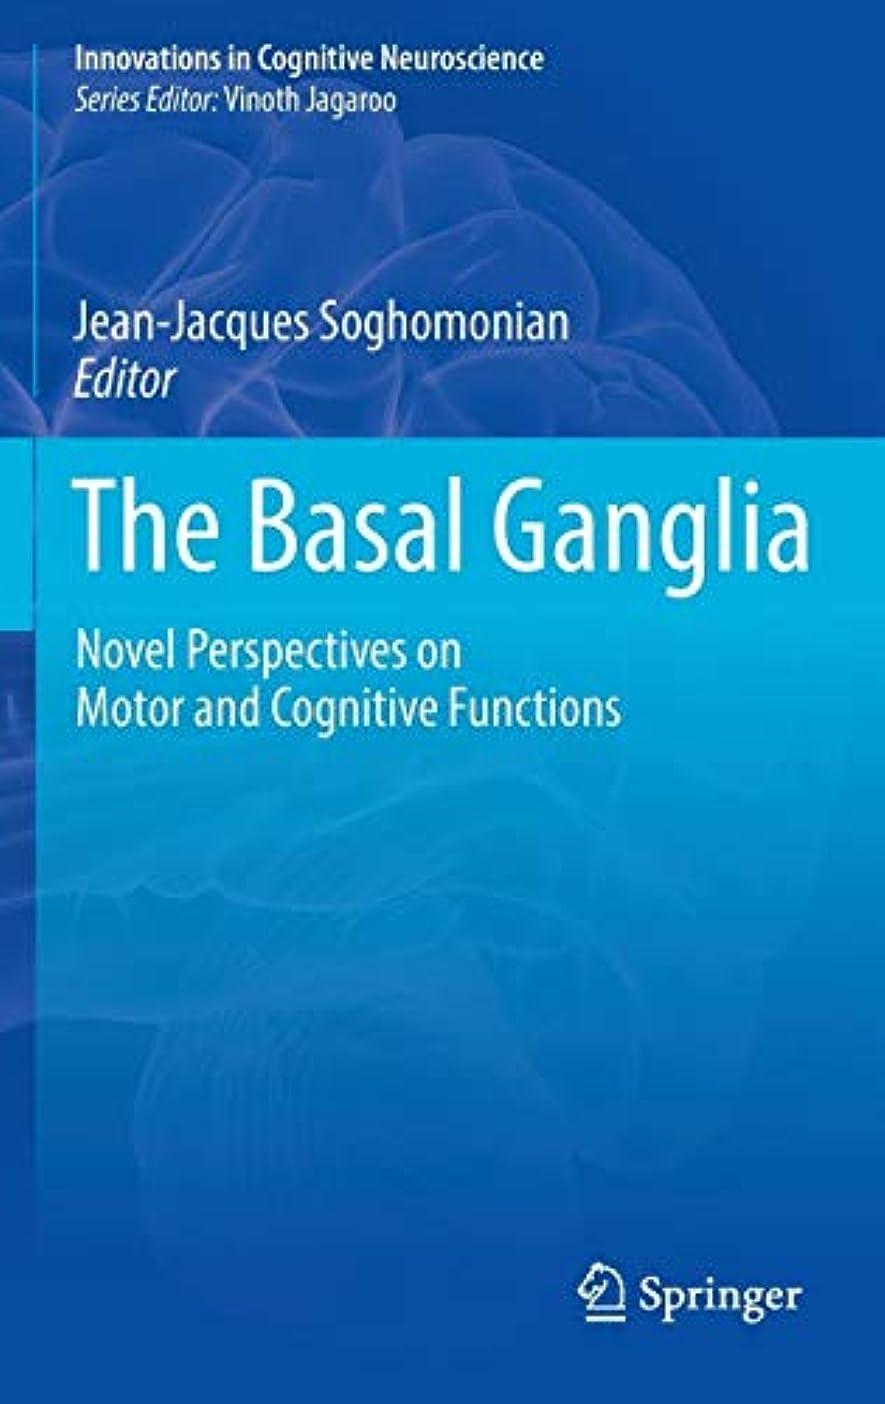 シャンプー未接続フローティングThe Basal Ganglia: Novel Perspectives on Motor and Cognitive Functions (Innovations in Cognitive Neuroscience)